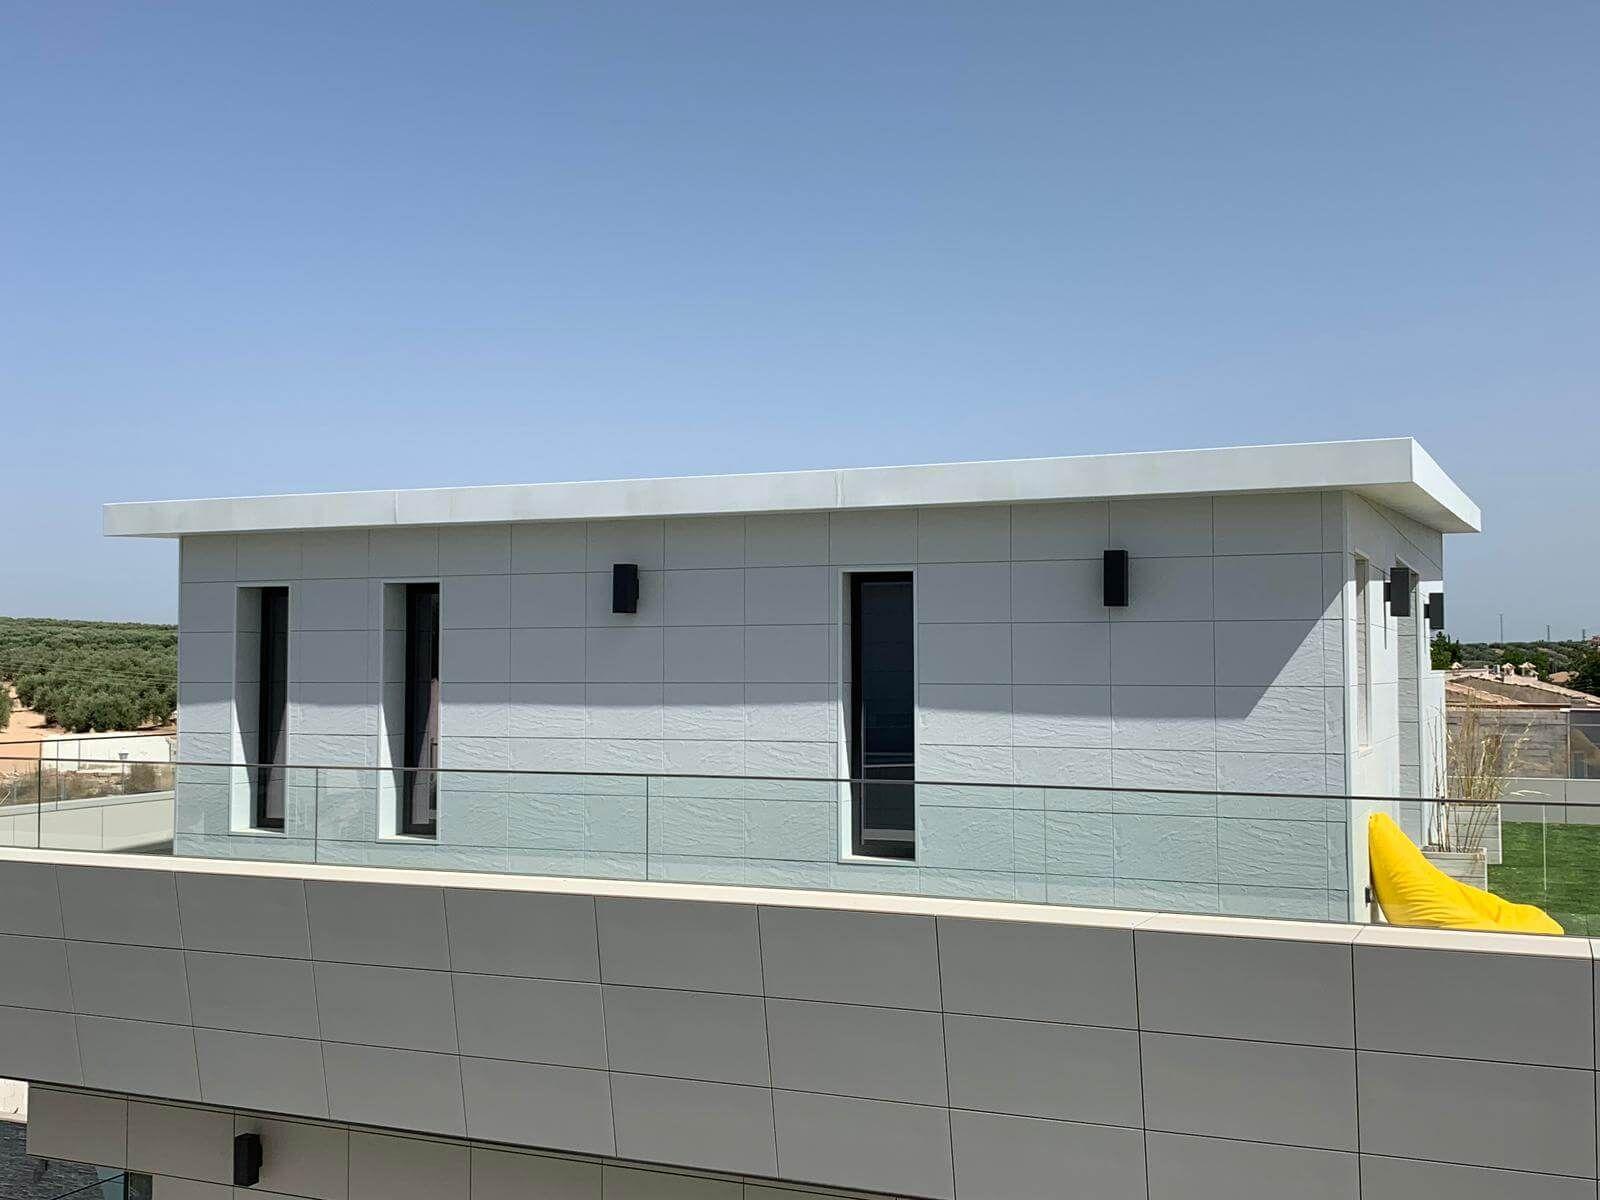 Rooftop mit Zierer Fassadenplatten in Schieferoptik